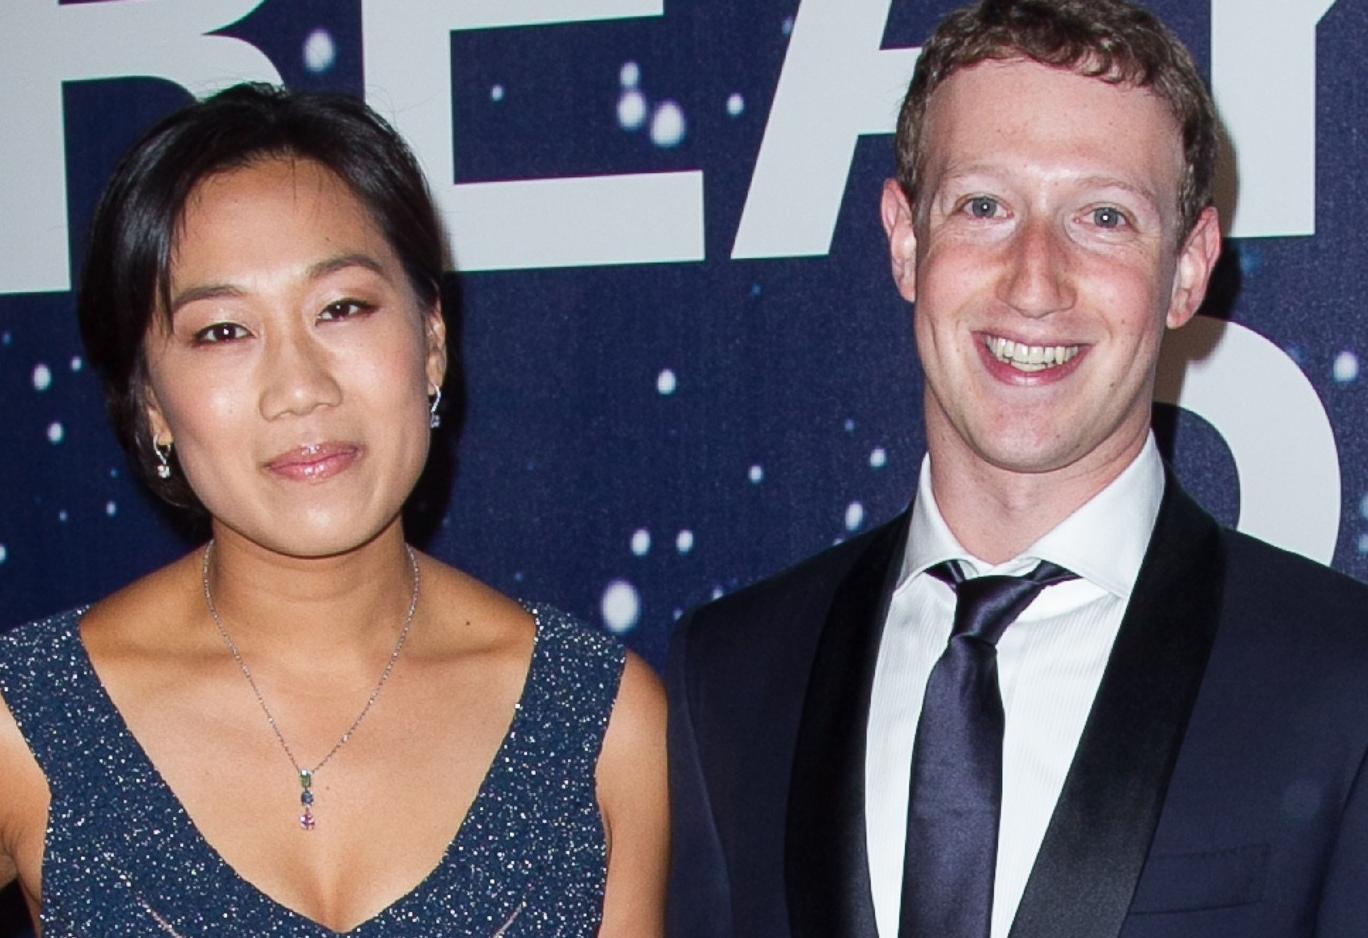 16 июл 2017. Влюбленные и счастливые!. 33-летний миллиардер марк цукерберг показал первое фото с беременной женой присциллой. Создатель крупнейшей в мире социальной сети facebook марк цукерберг поделился в своем аккаунте первым совместным снимком с беременной женой.